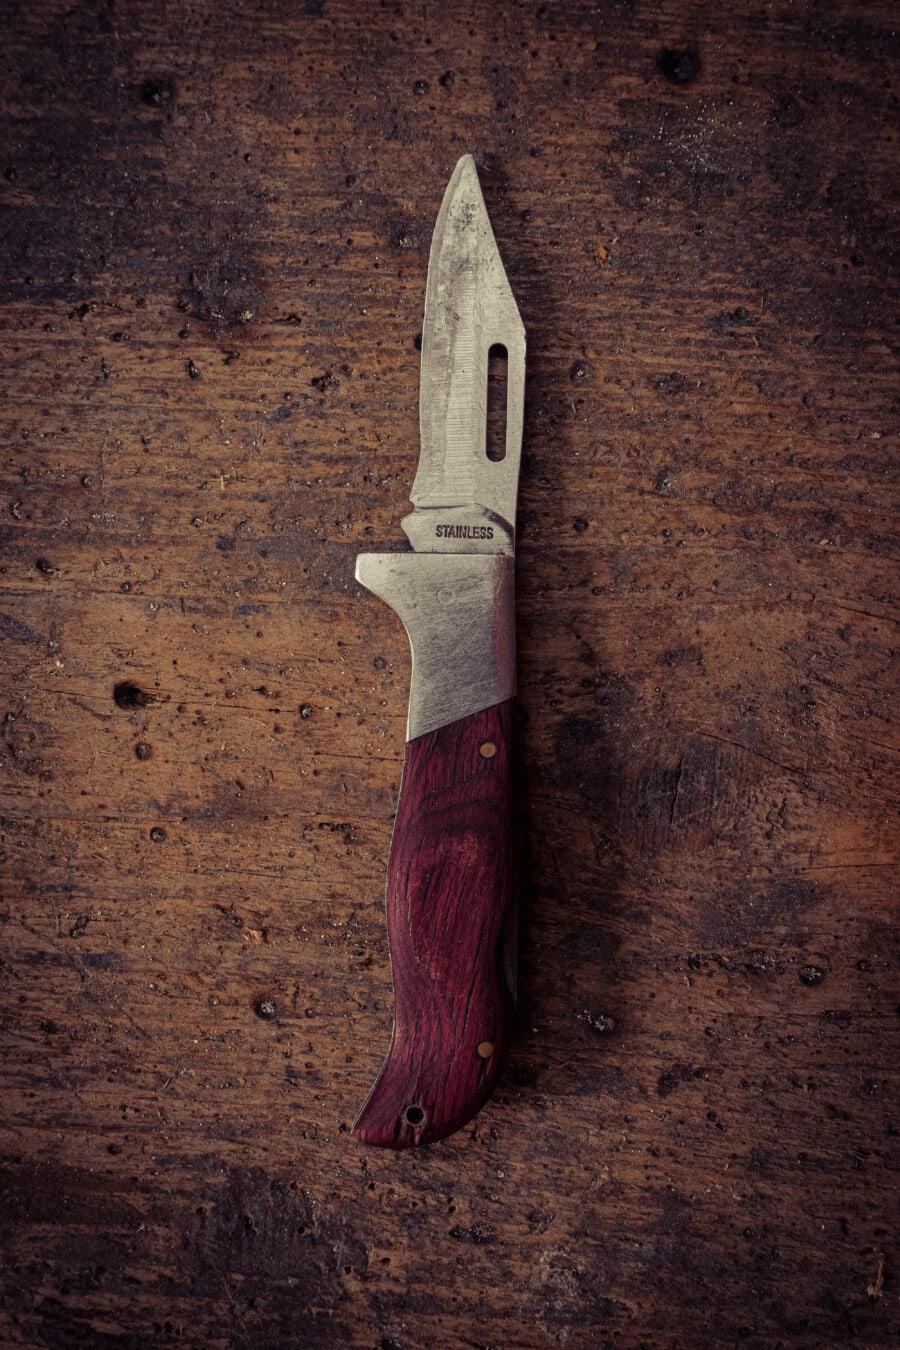 outil à main, couteau, lame, outil, en acier inoxydable, tranchant, fait main, vertical, fer, retro